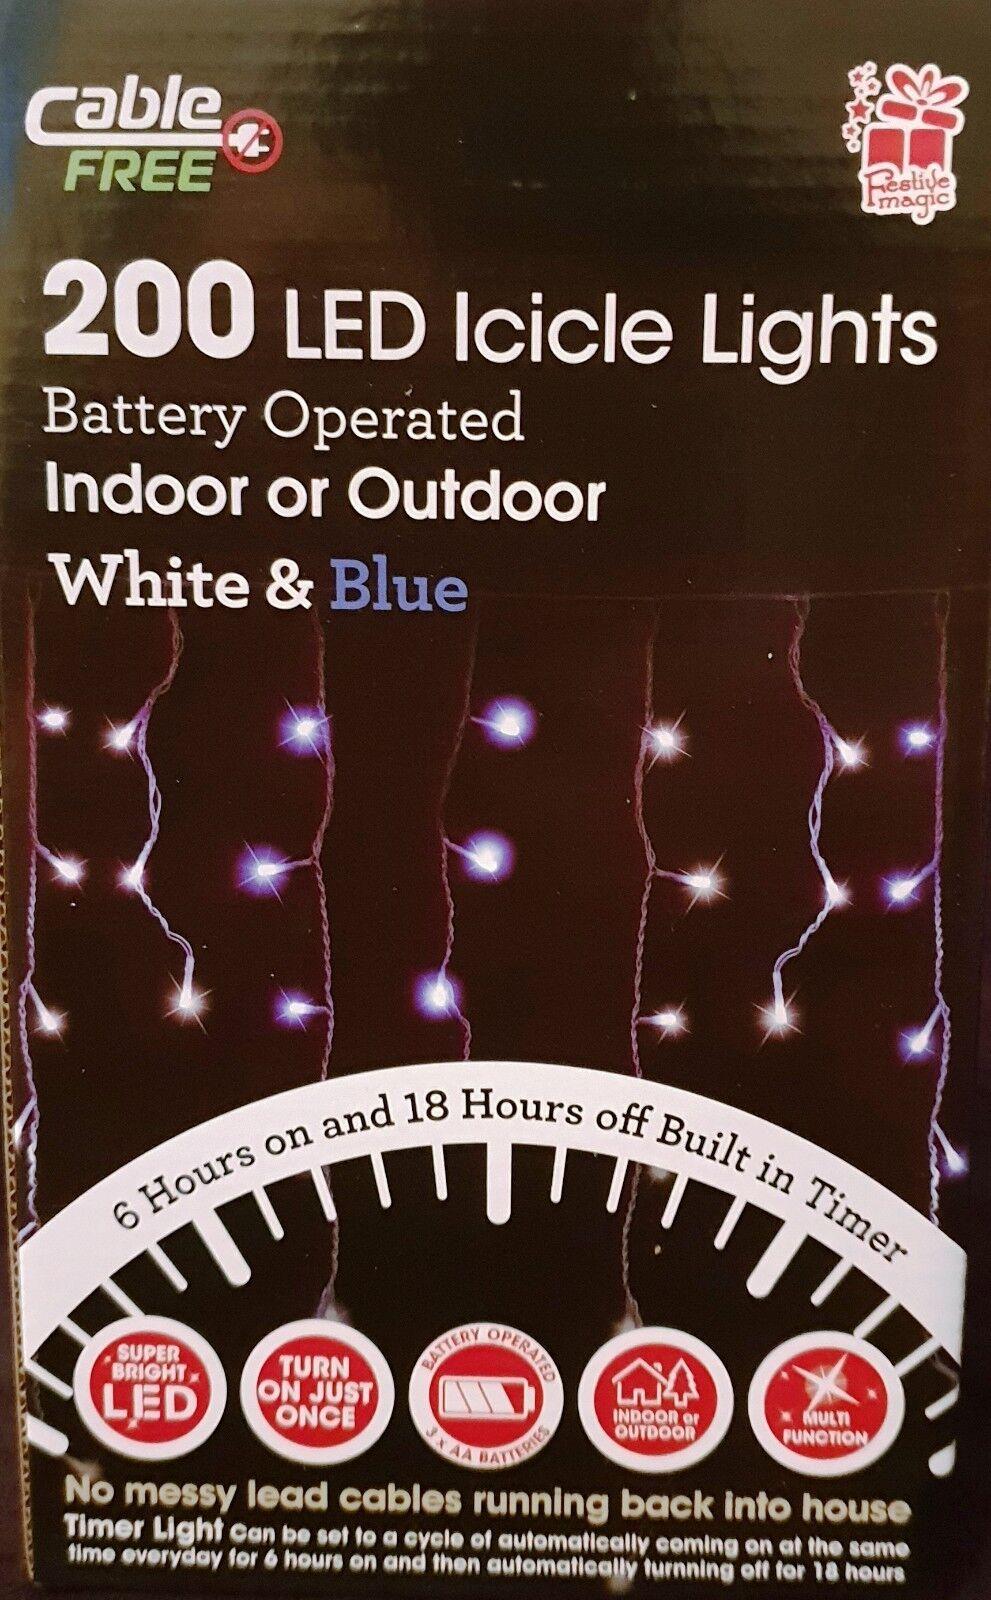 A BATTERIA BATTERIA BATTERIA 200 LED ghiacciolo TIMER LUCI PER NATALE decorazione interni, esterni 459d31